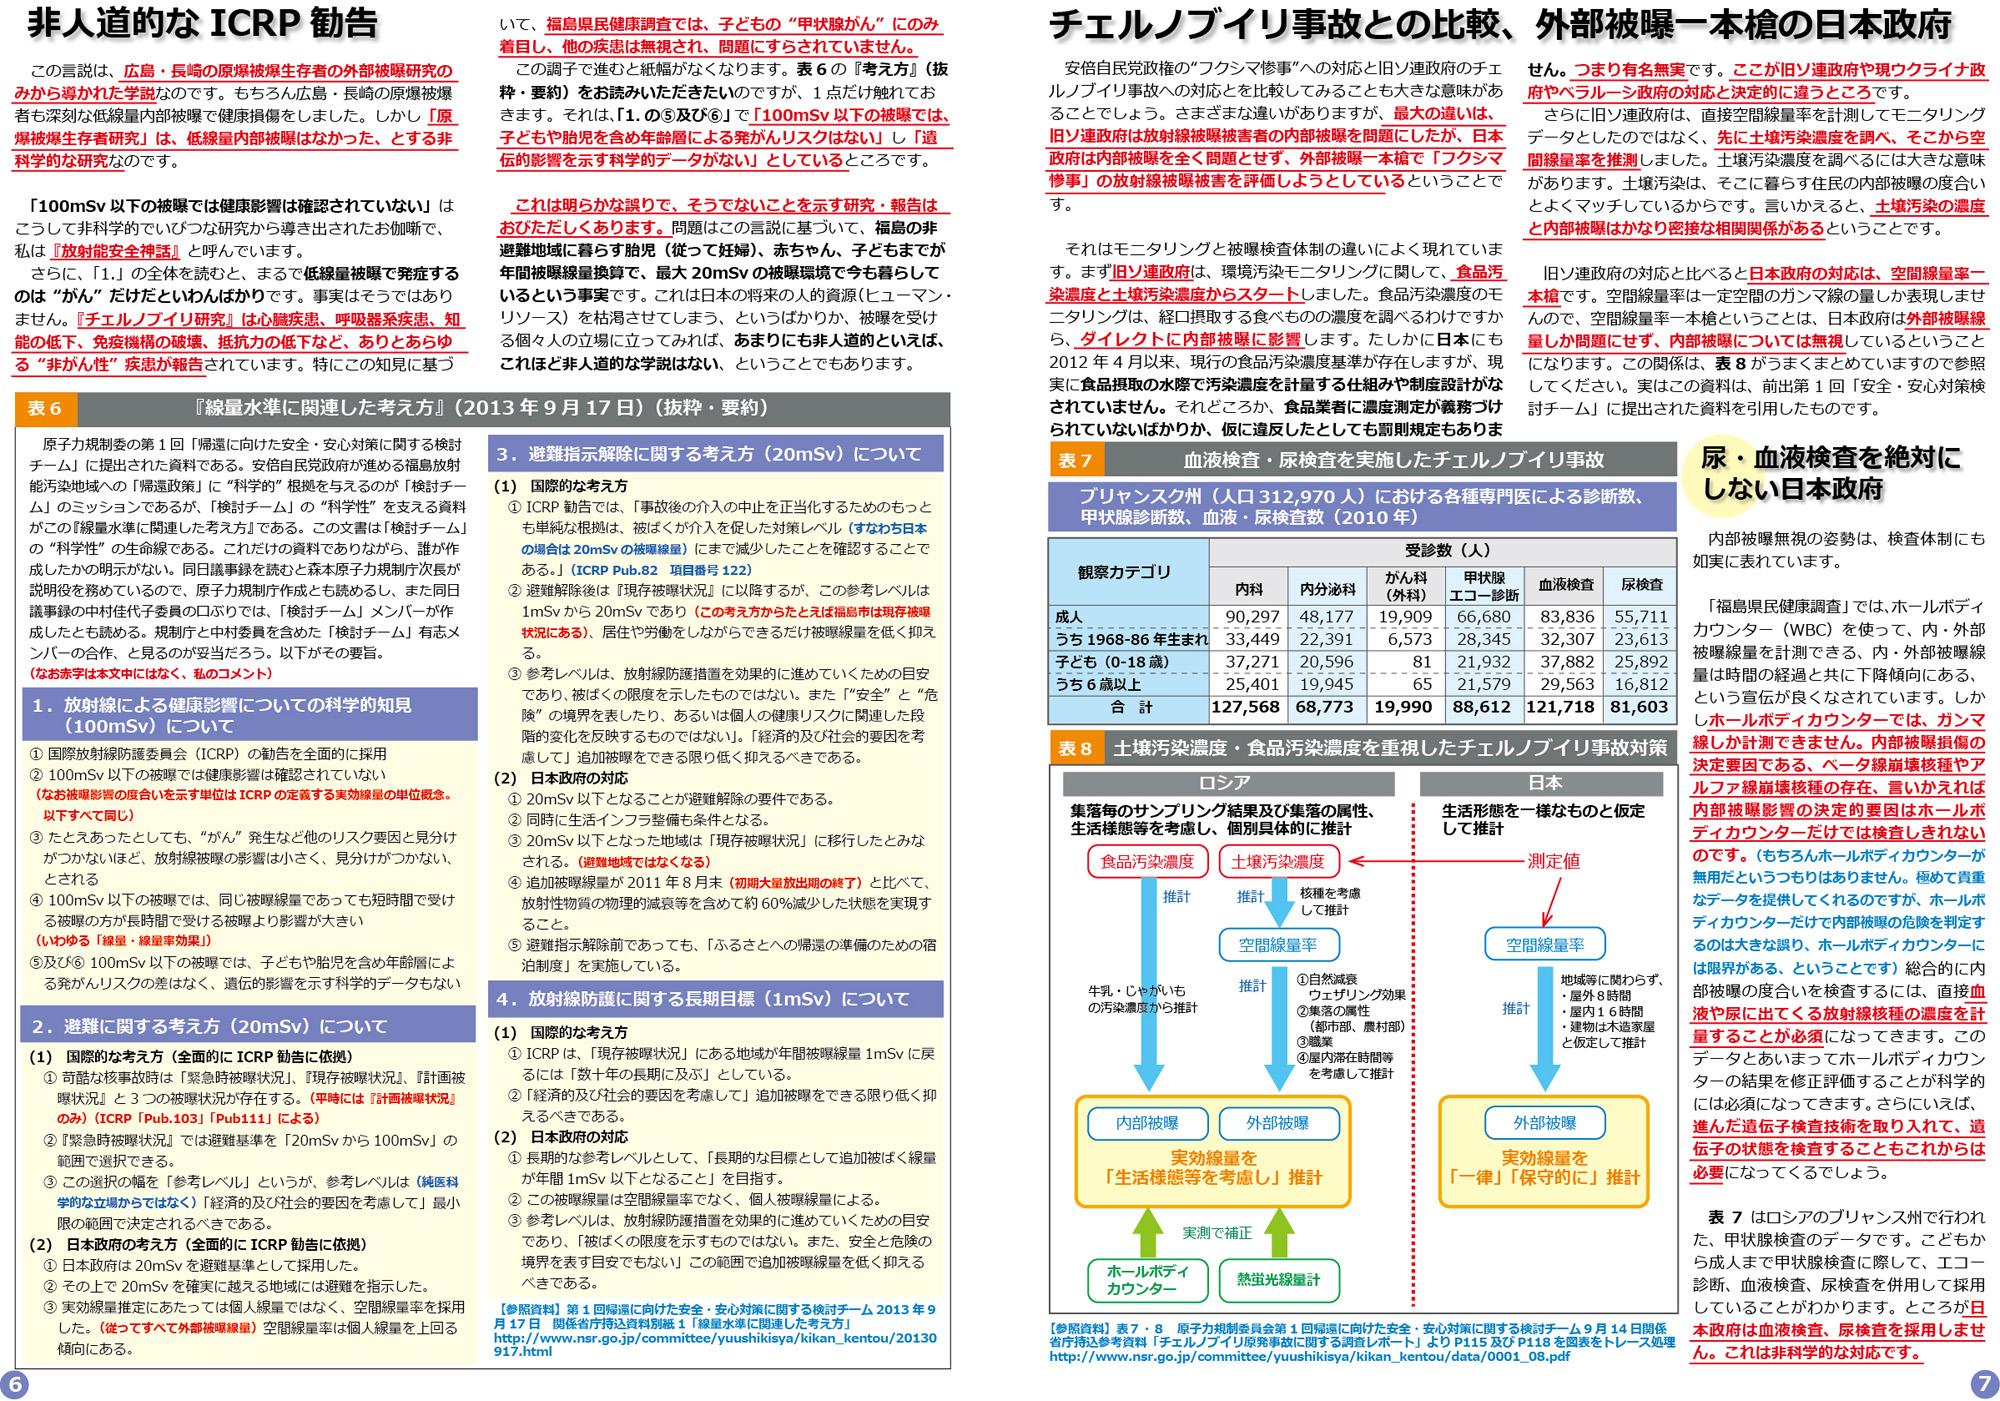 ファイル 269-4.jpg